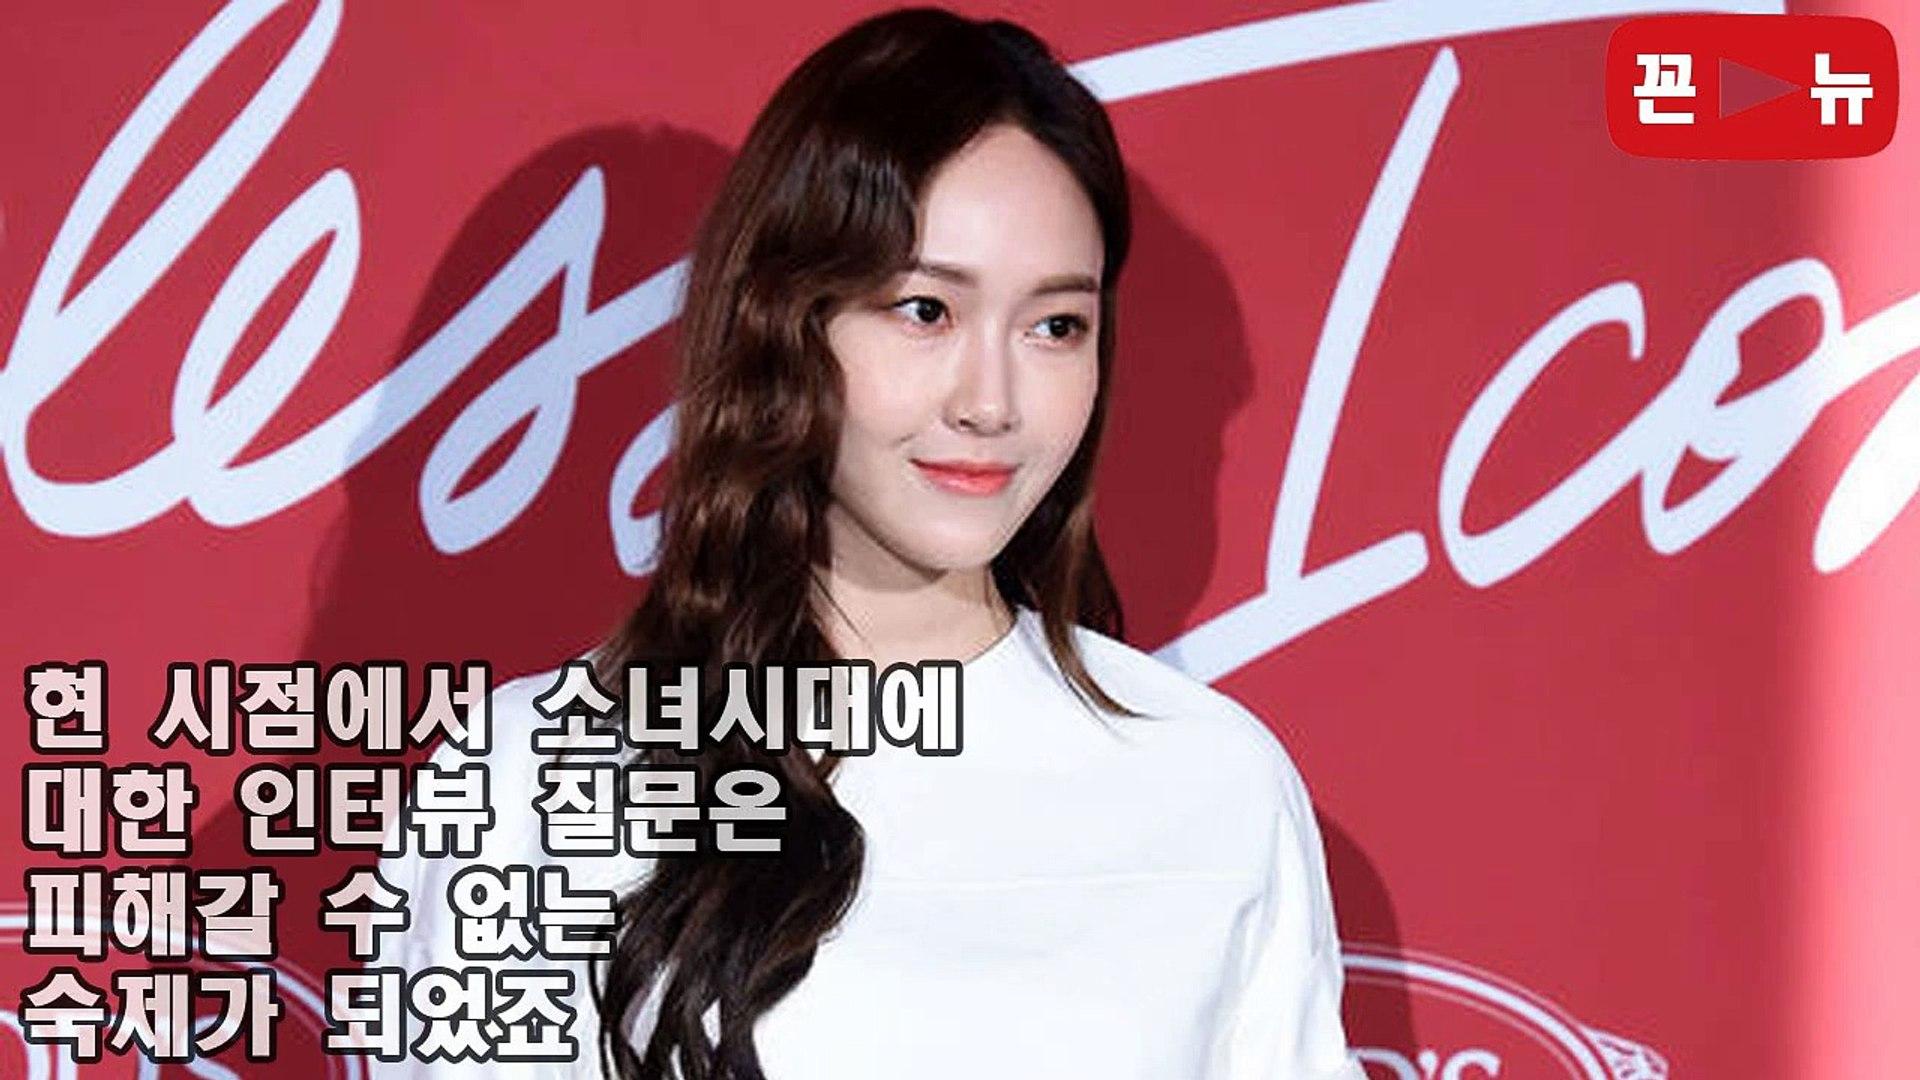 소녀시대 질문을 피하던 제시카 그녀가 마지막에 한말 k pop star korean idol celebrity Issue